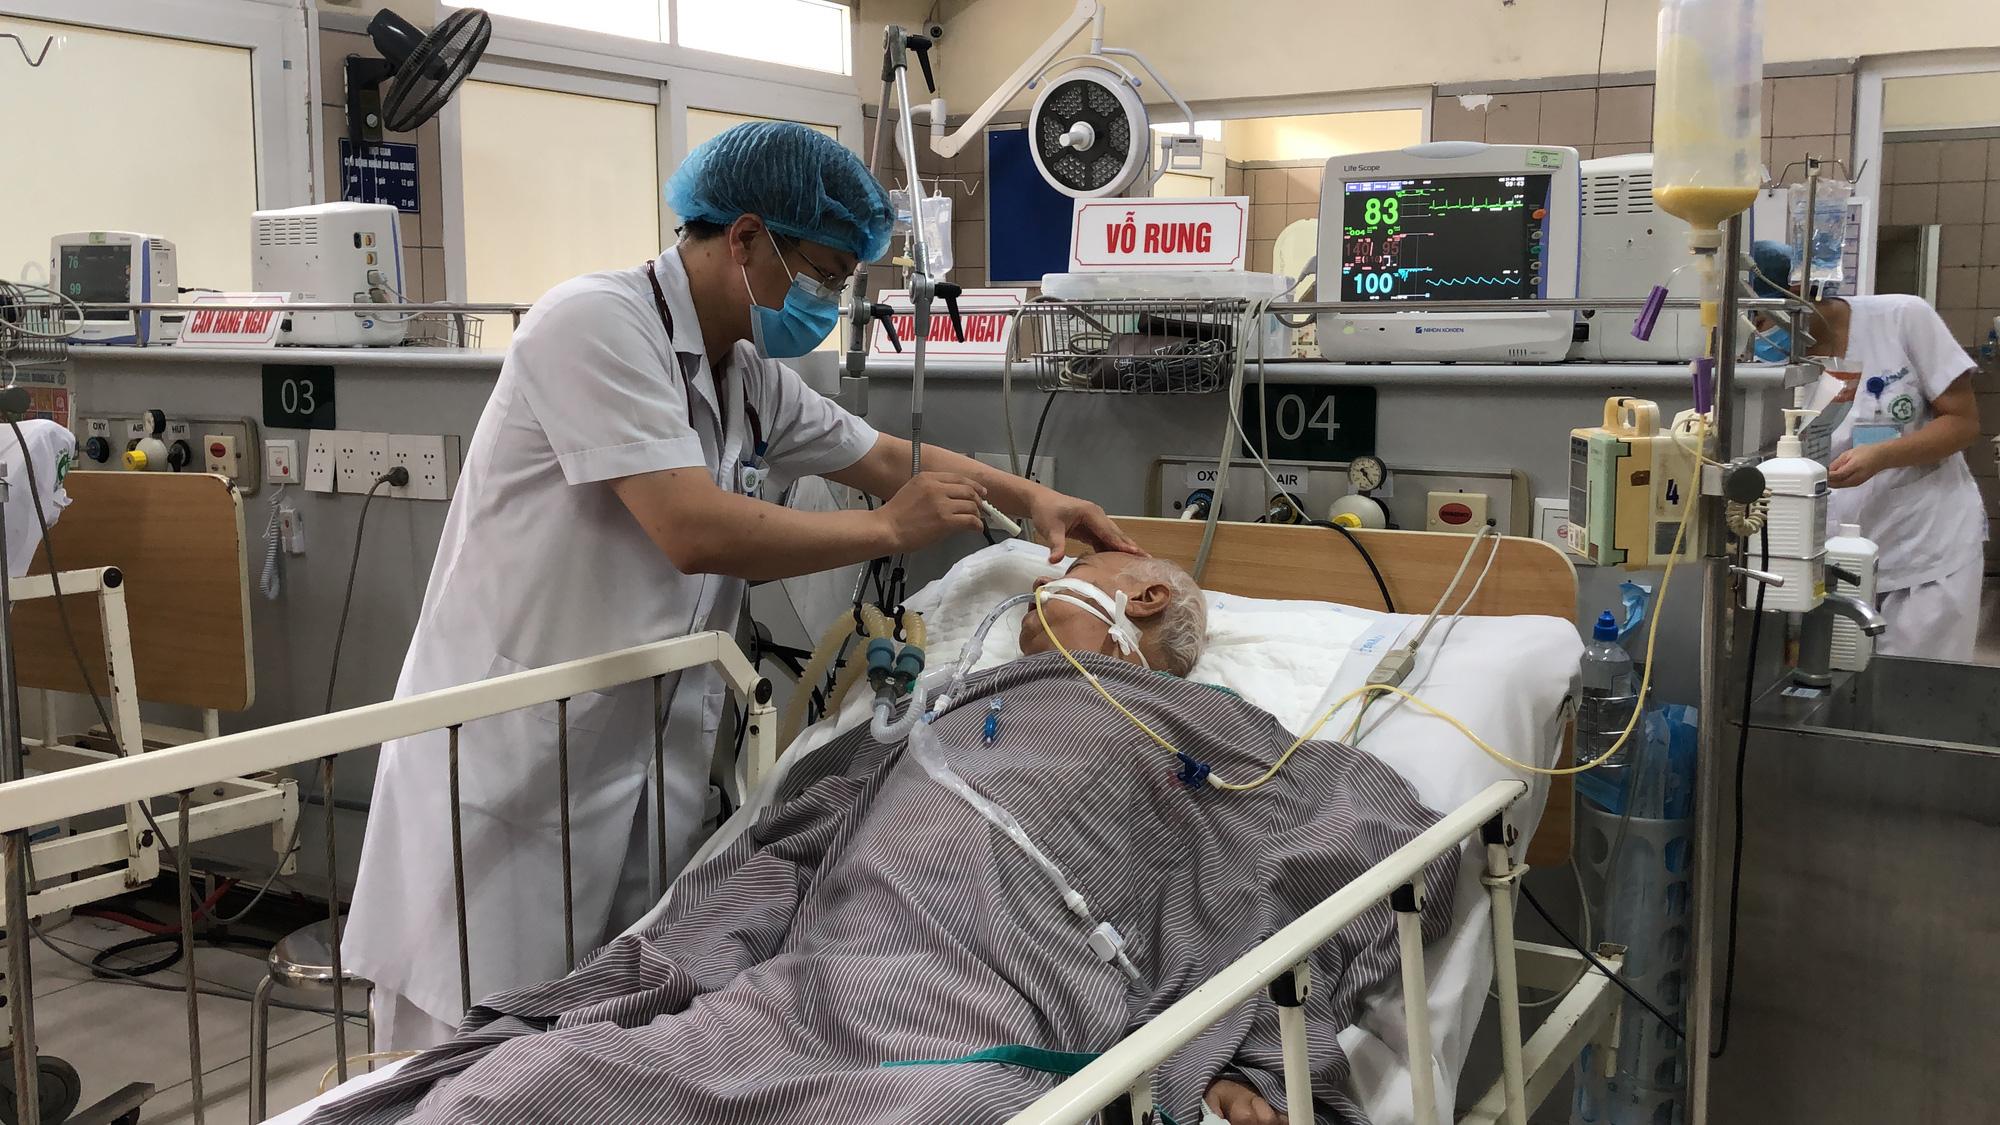 Bệnh nhân liệt hoàn toàn vì ăn pate Minh Chay, thêm nhiều người lo sợ ngộ độc đến khám - Ảnh 2.